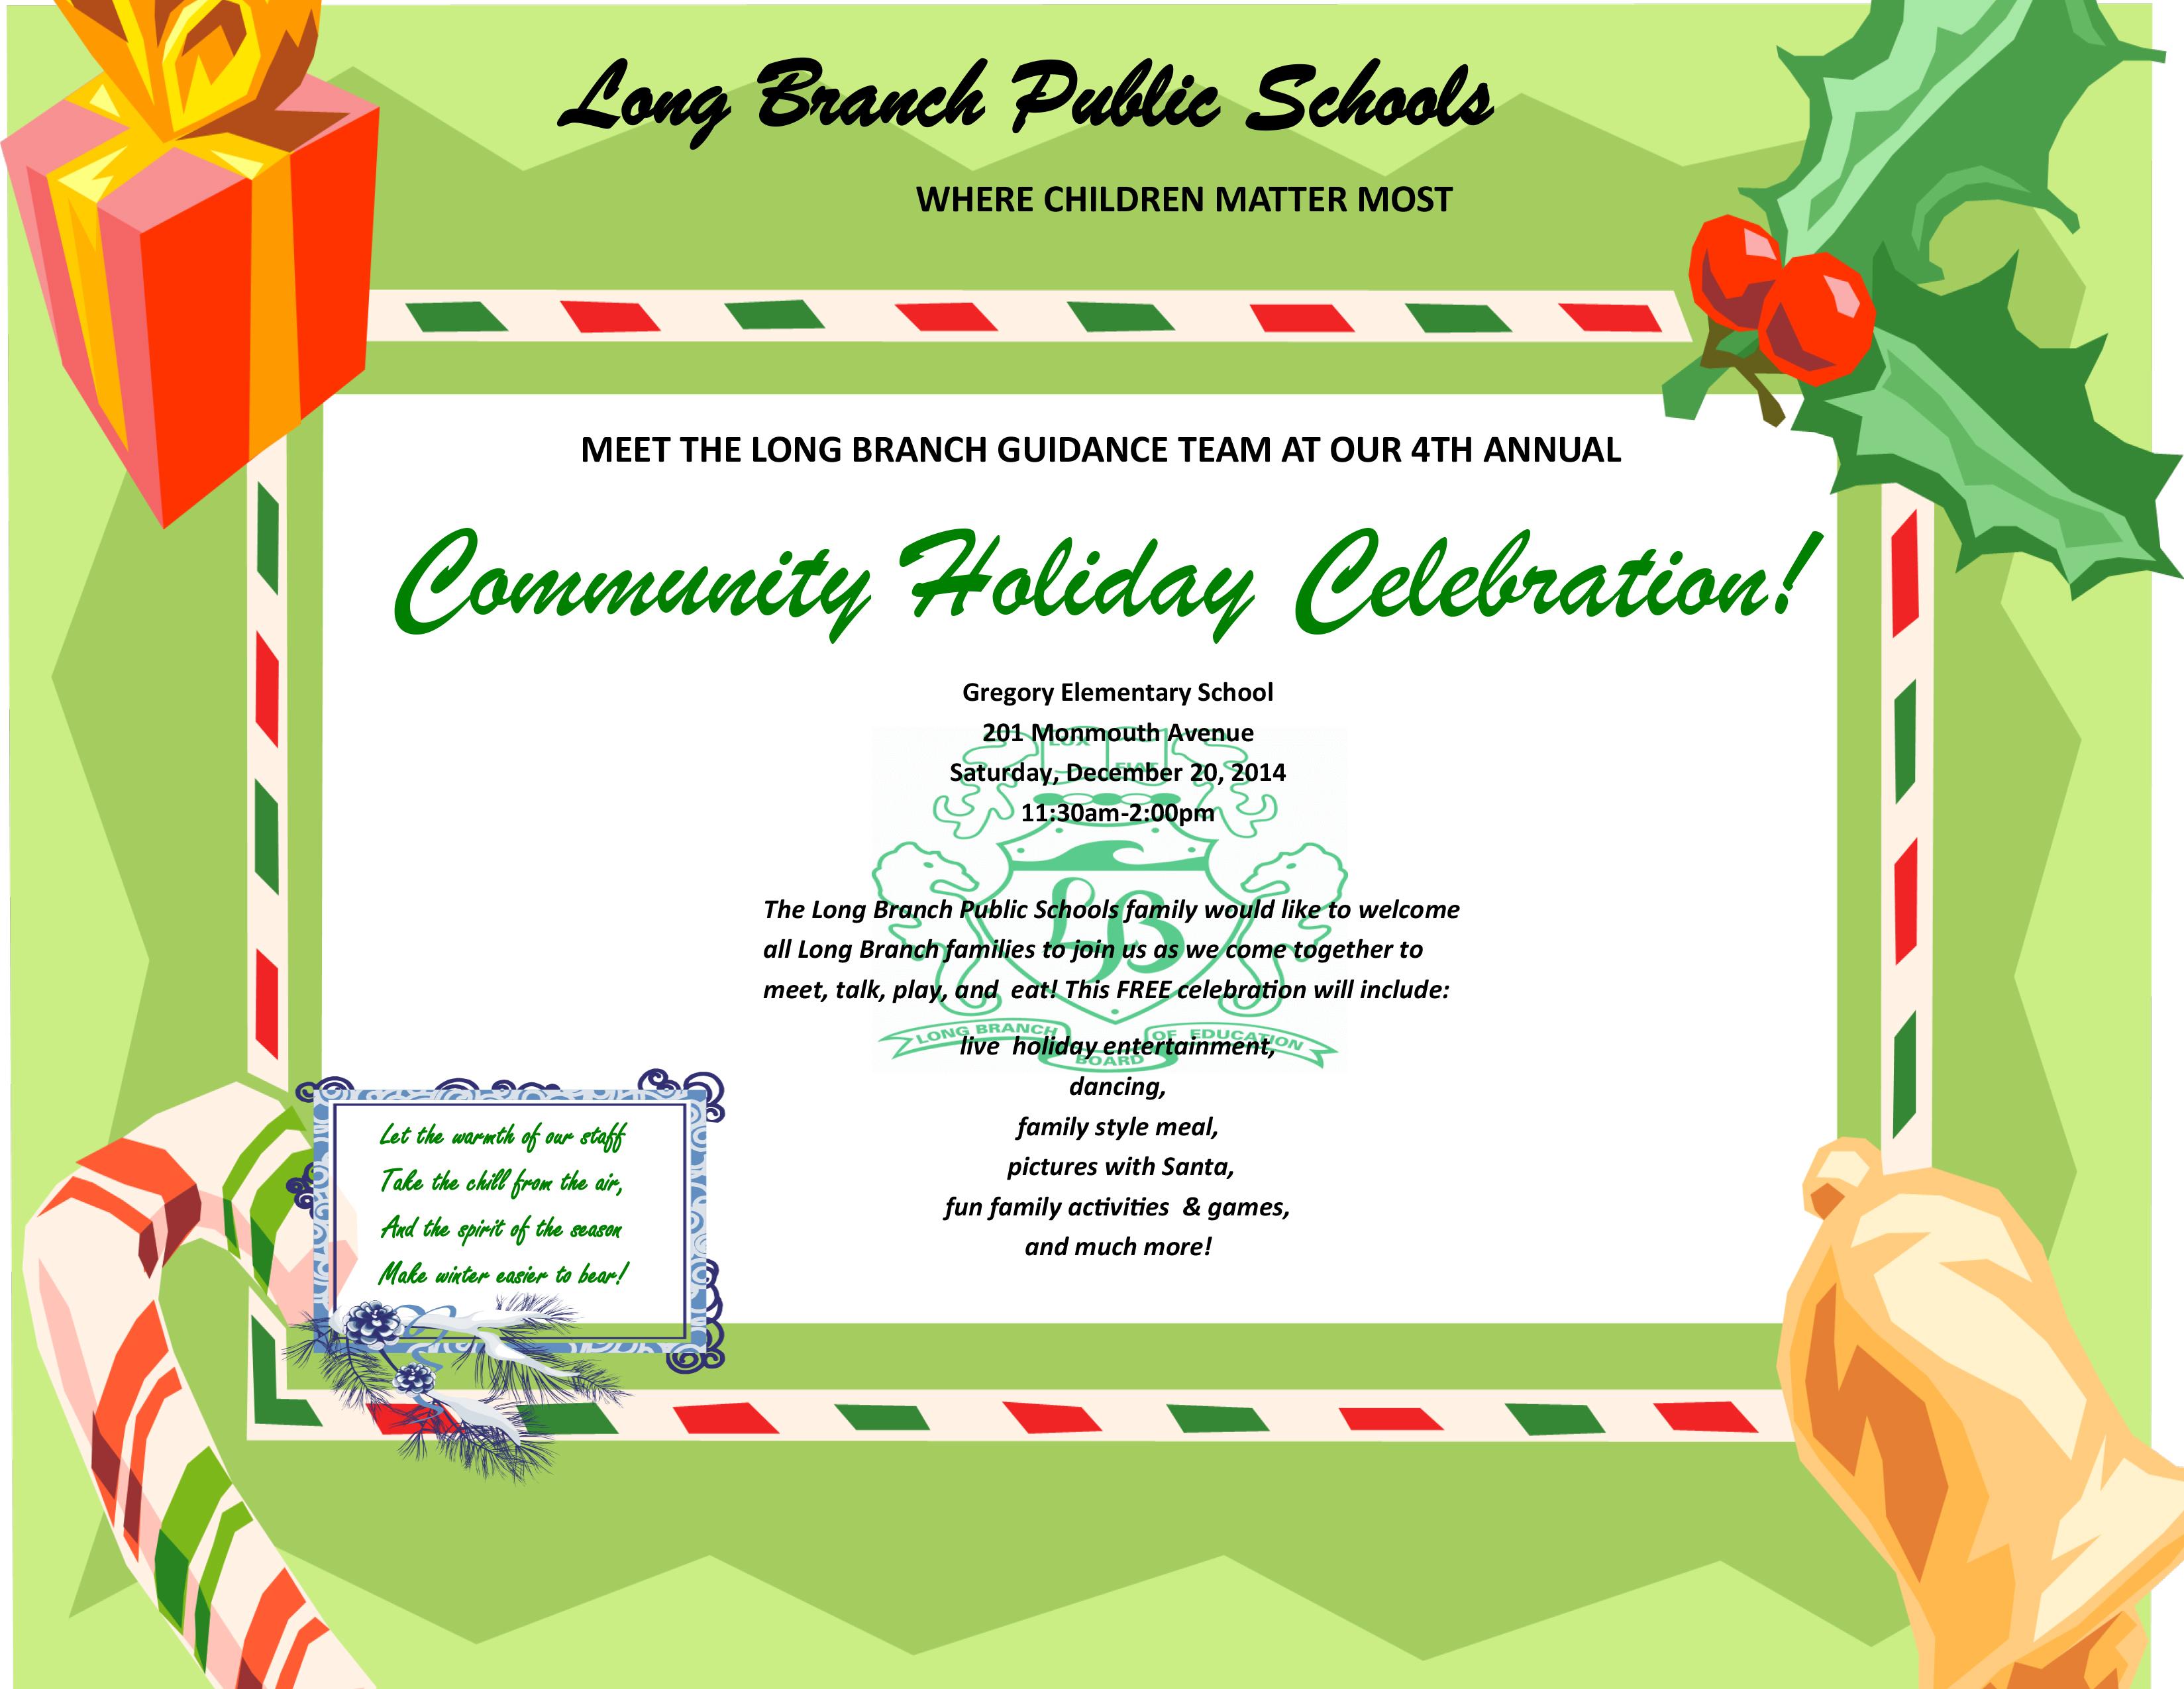 Community Holiday Celebration 2014